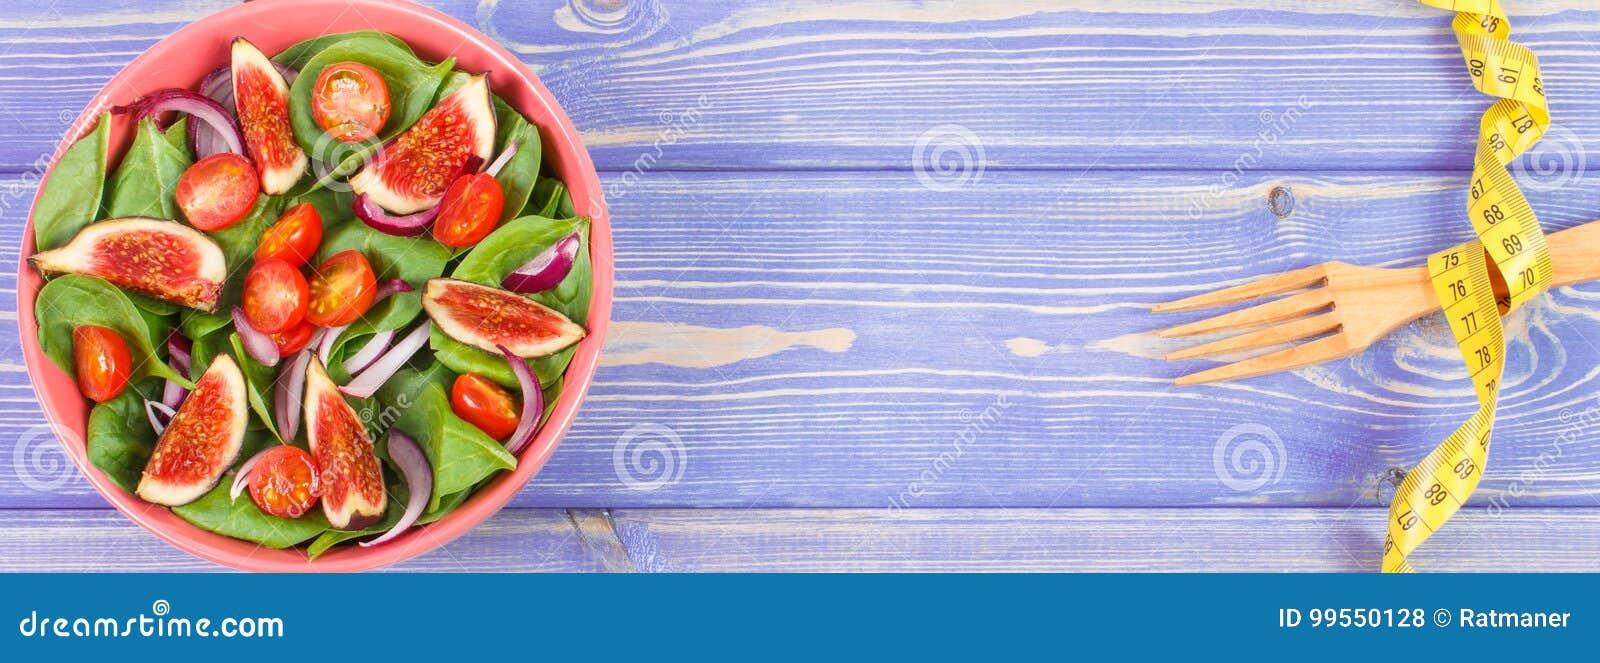 Ensaladas de fruta para adelgazar